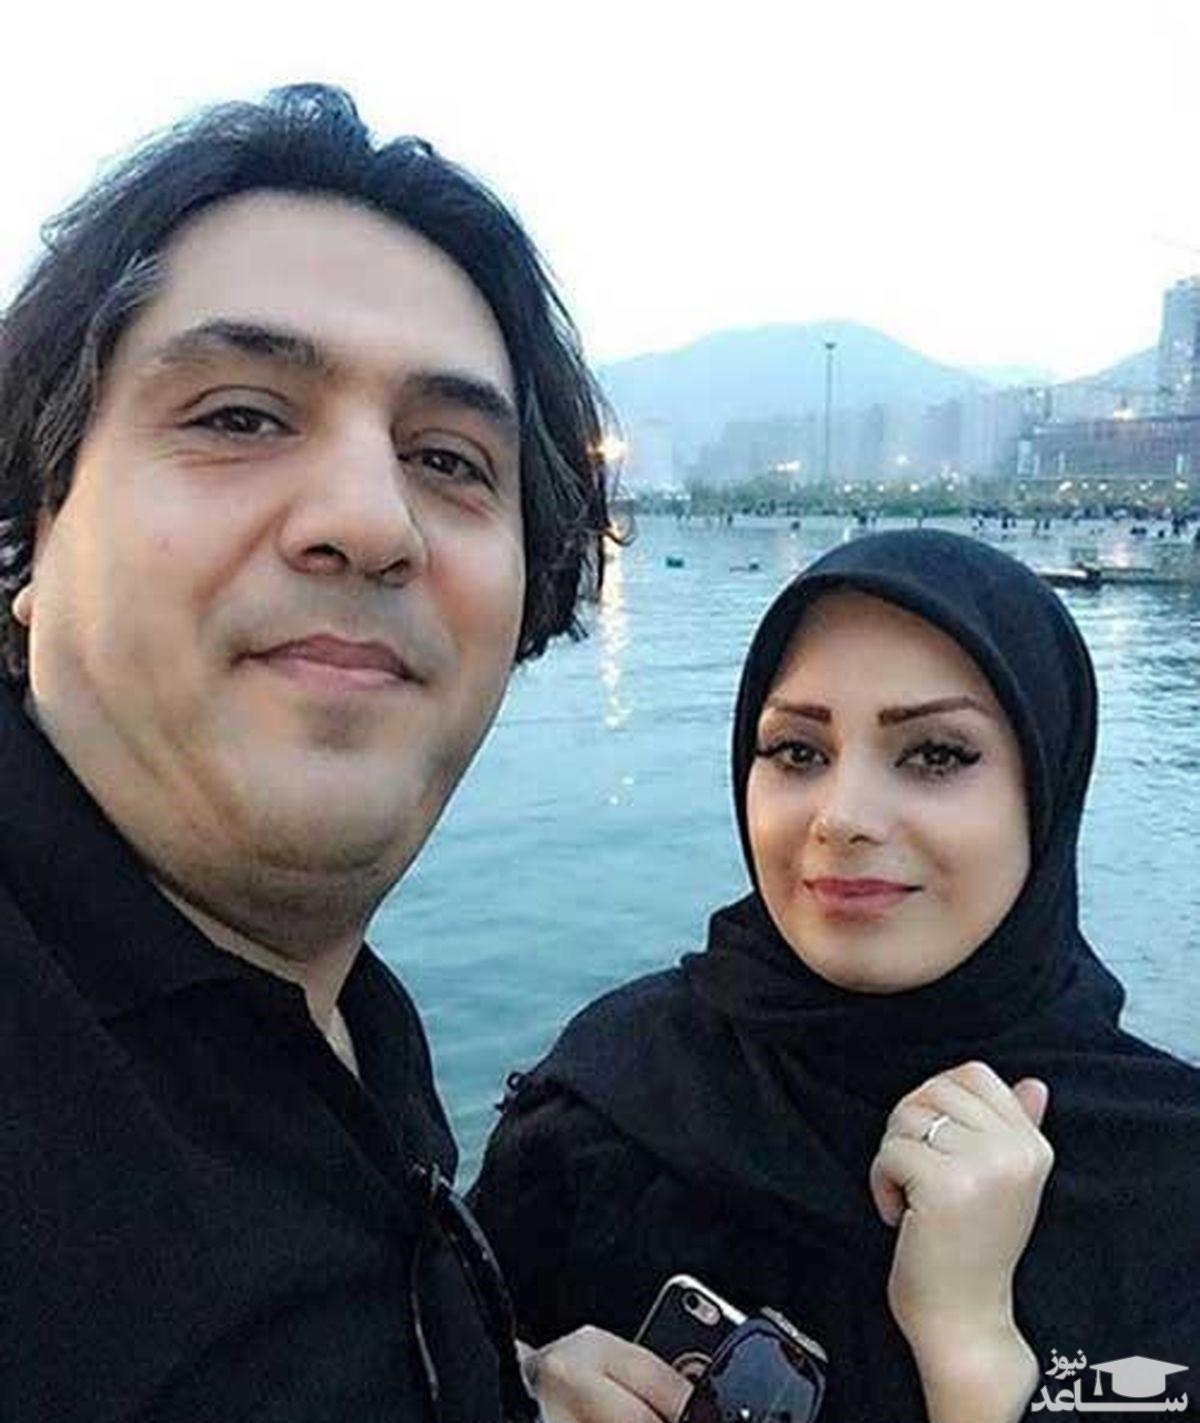 مهریه عاشقانه و جالب صبا راد و همسر میلیاردرش